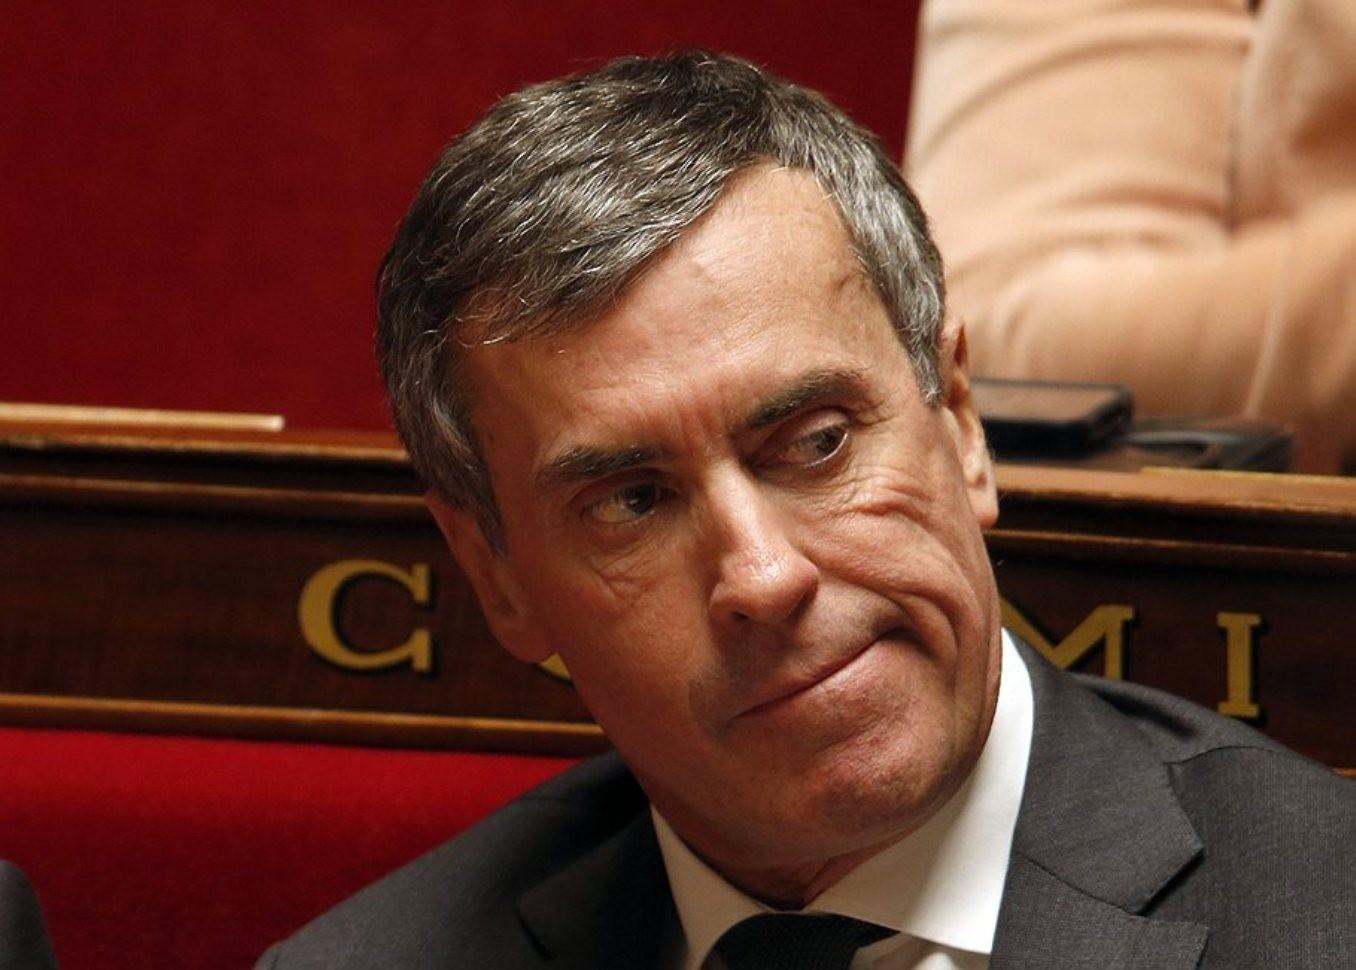 ВоФранции завершен шумный суд поделу экс-министра бюджета